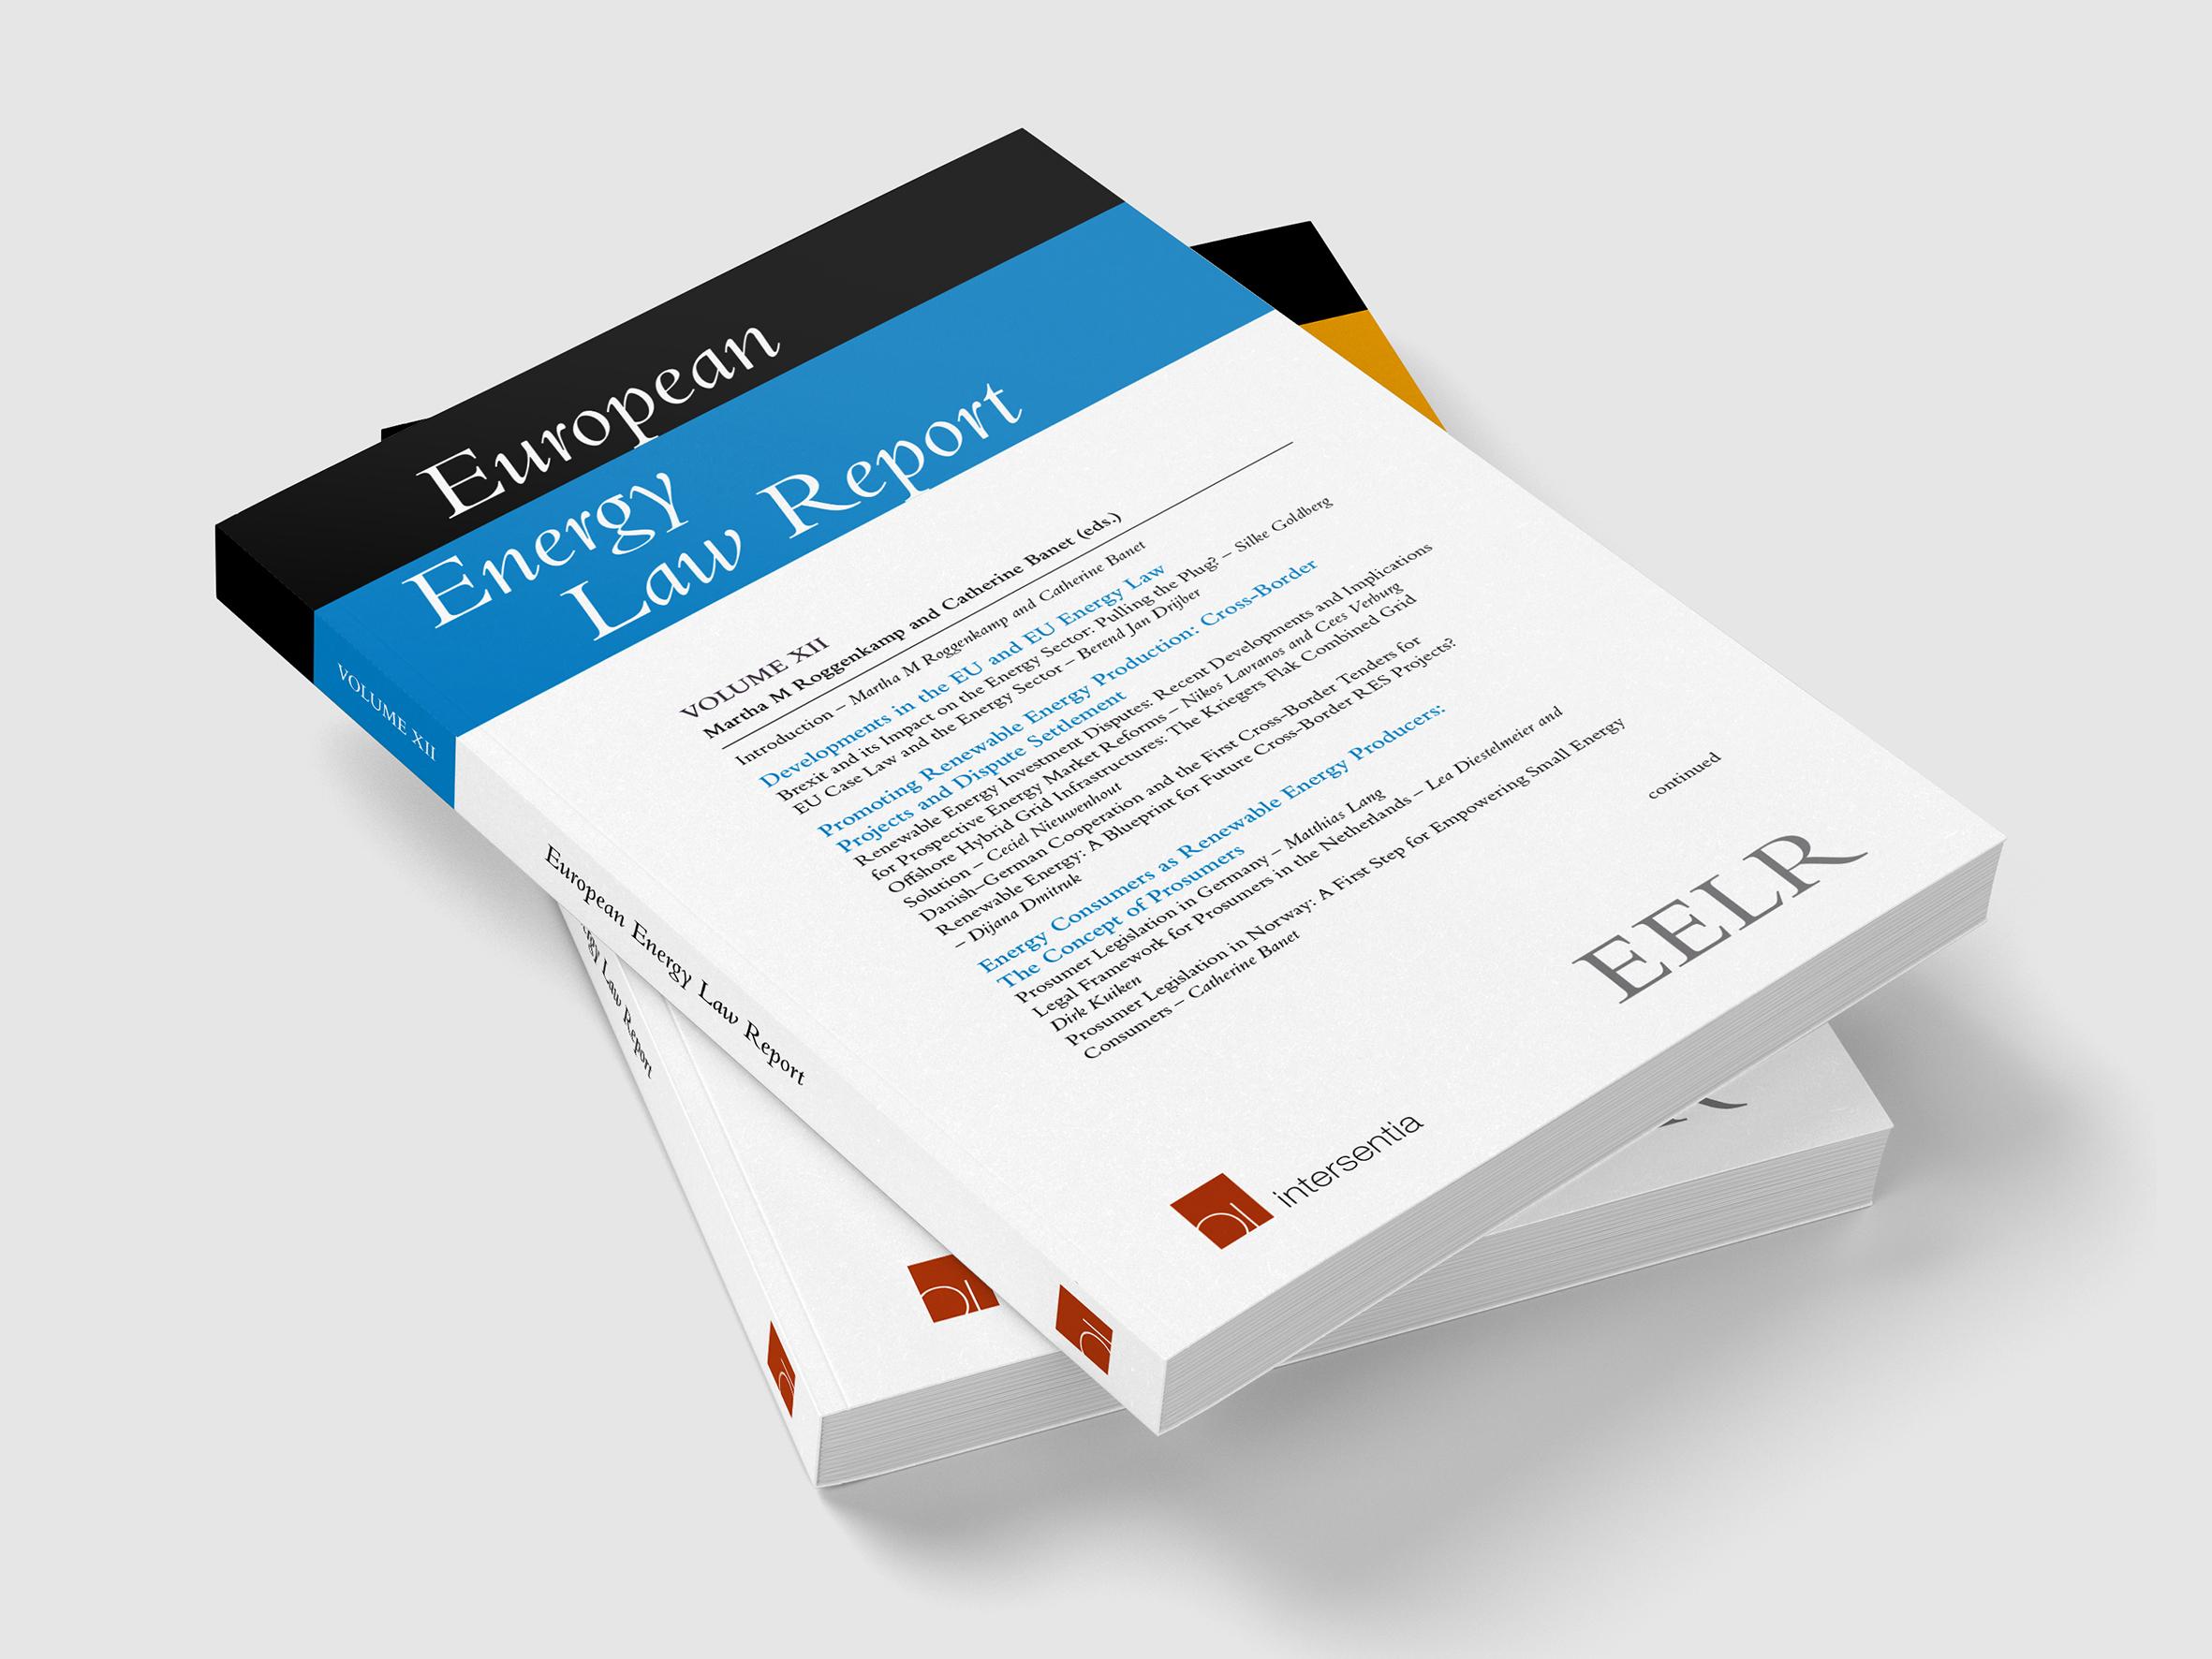 European Energy Law Report